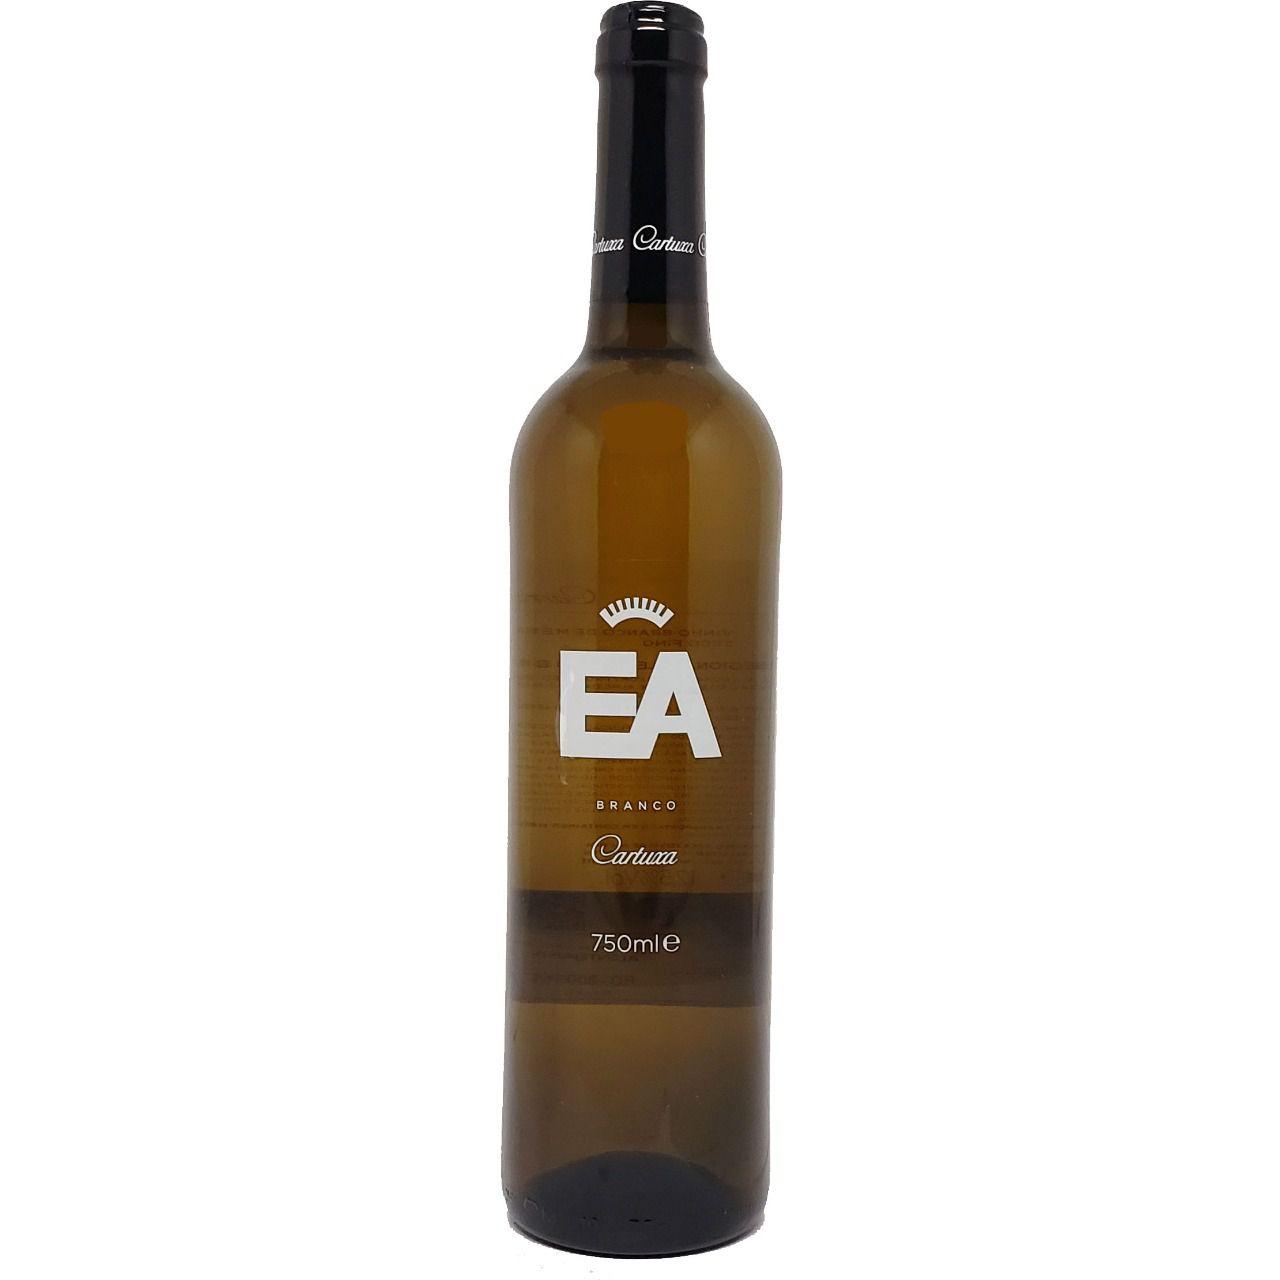 Vinho Branco EA Cartuxa - 750ml -